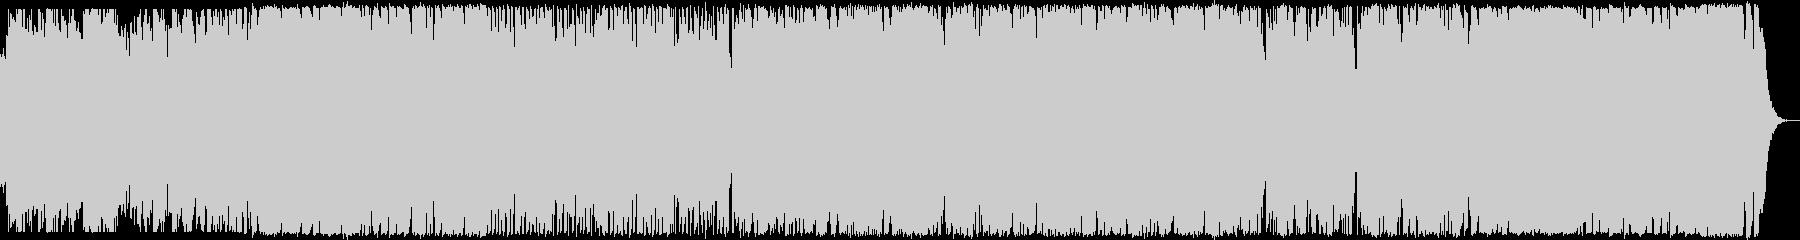 ミステリアスでポップなハロウィン曲の未再生の波形